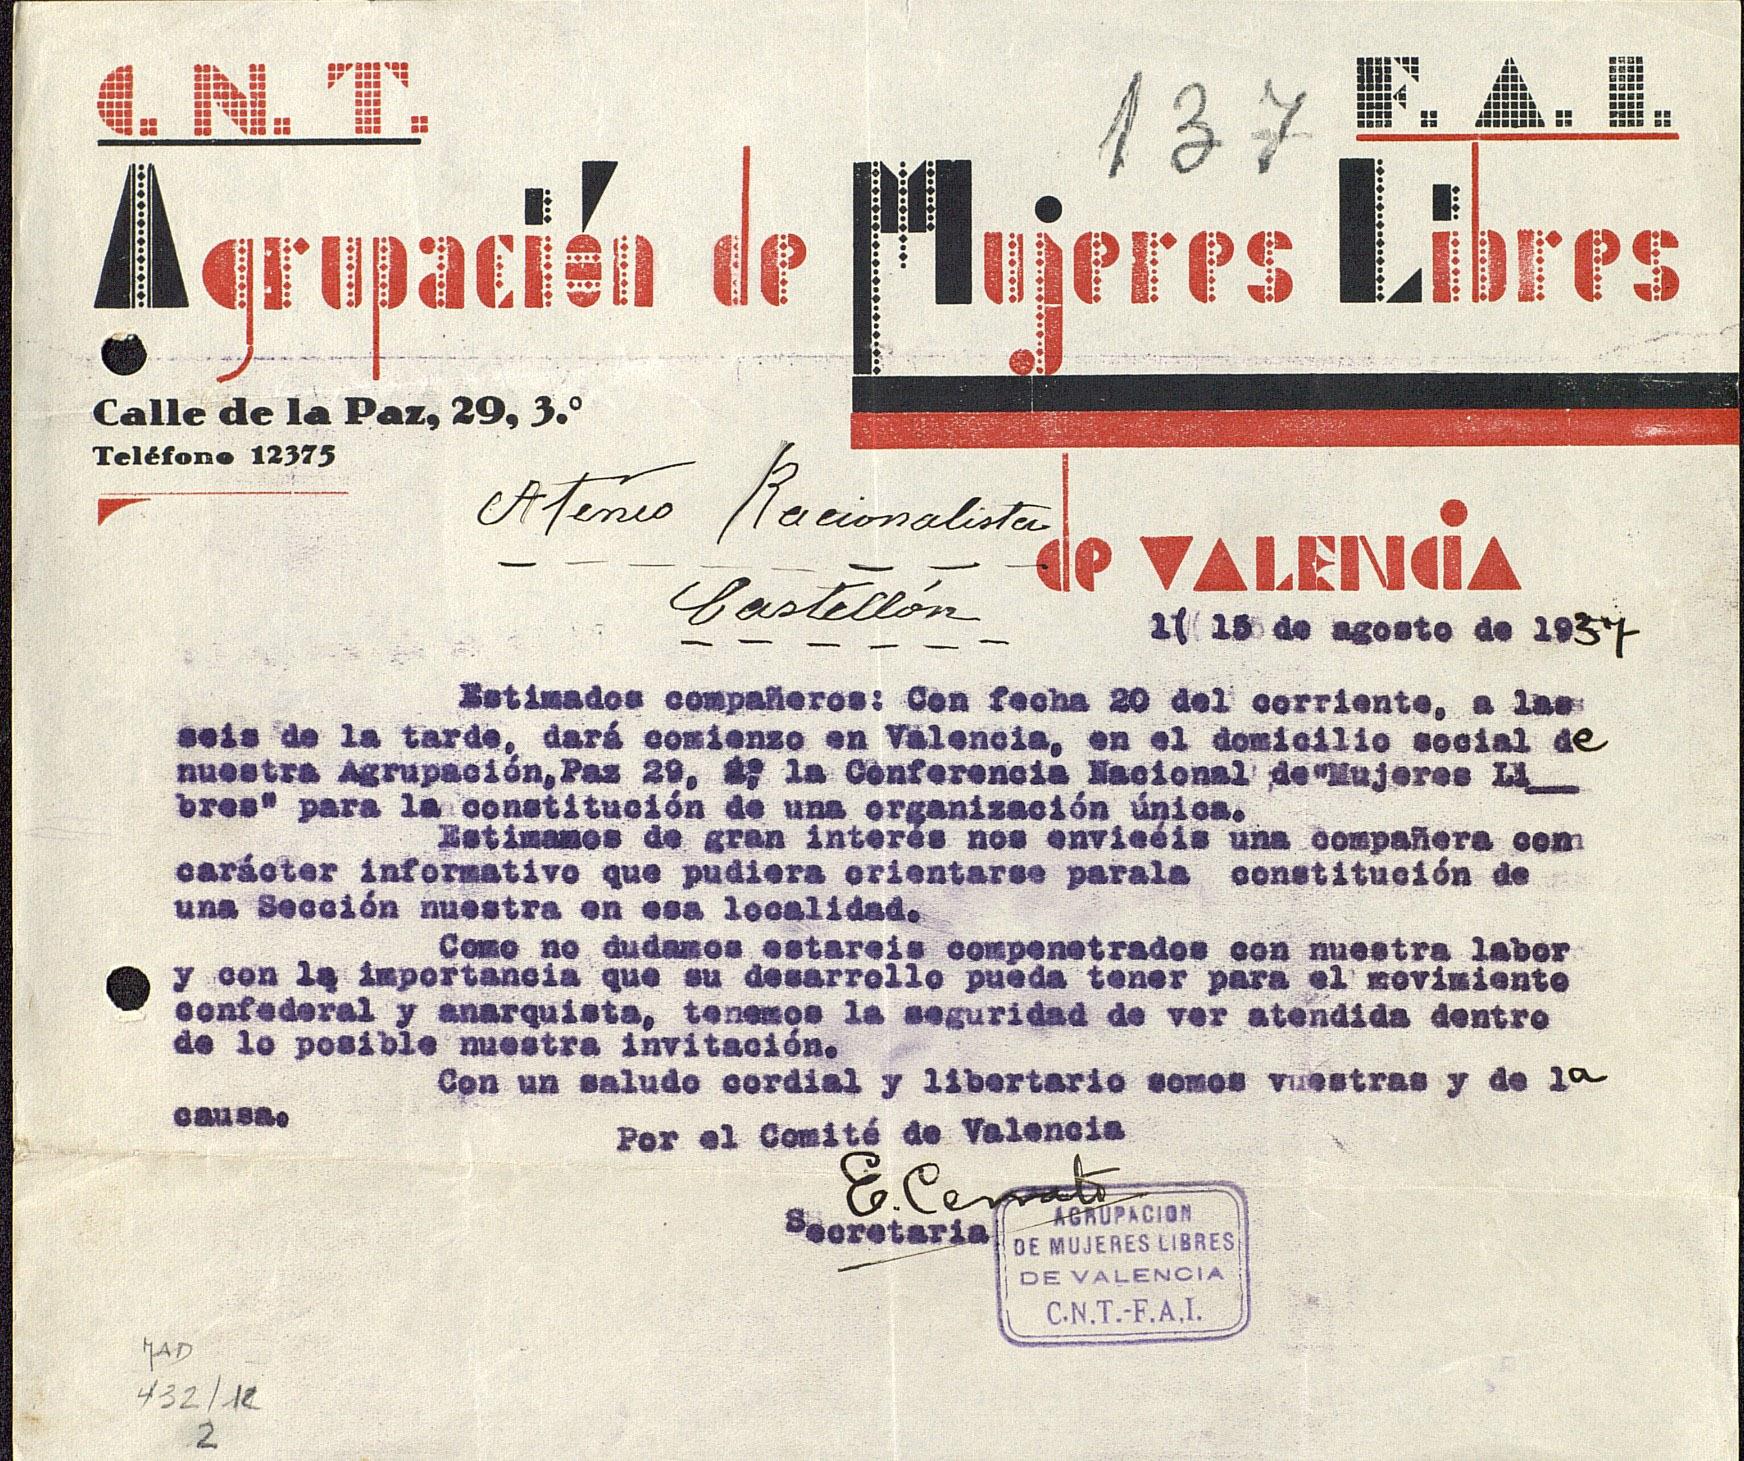 http://www.aitrus.info/sites/default/files/CDMH_PS_MADRID_C0014_EXP012_0001_copia1.jpg